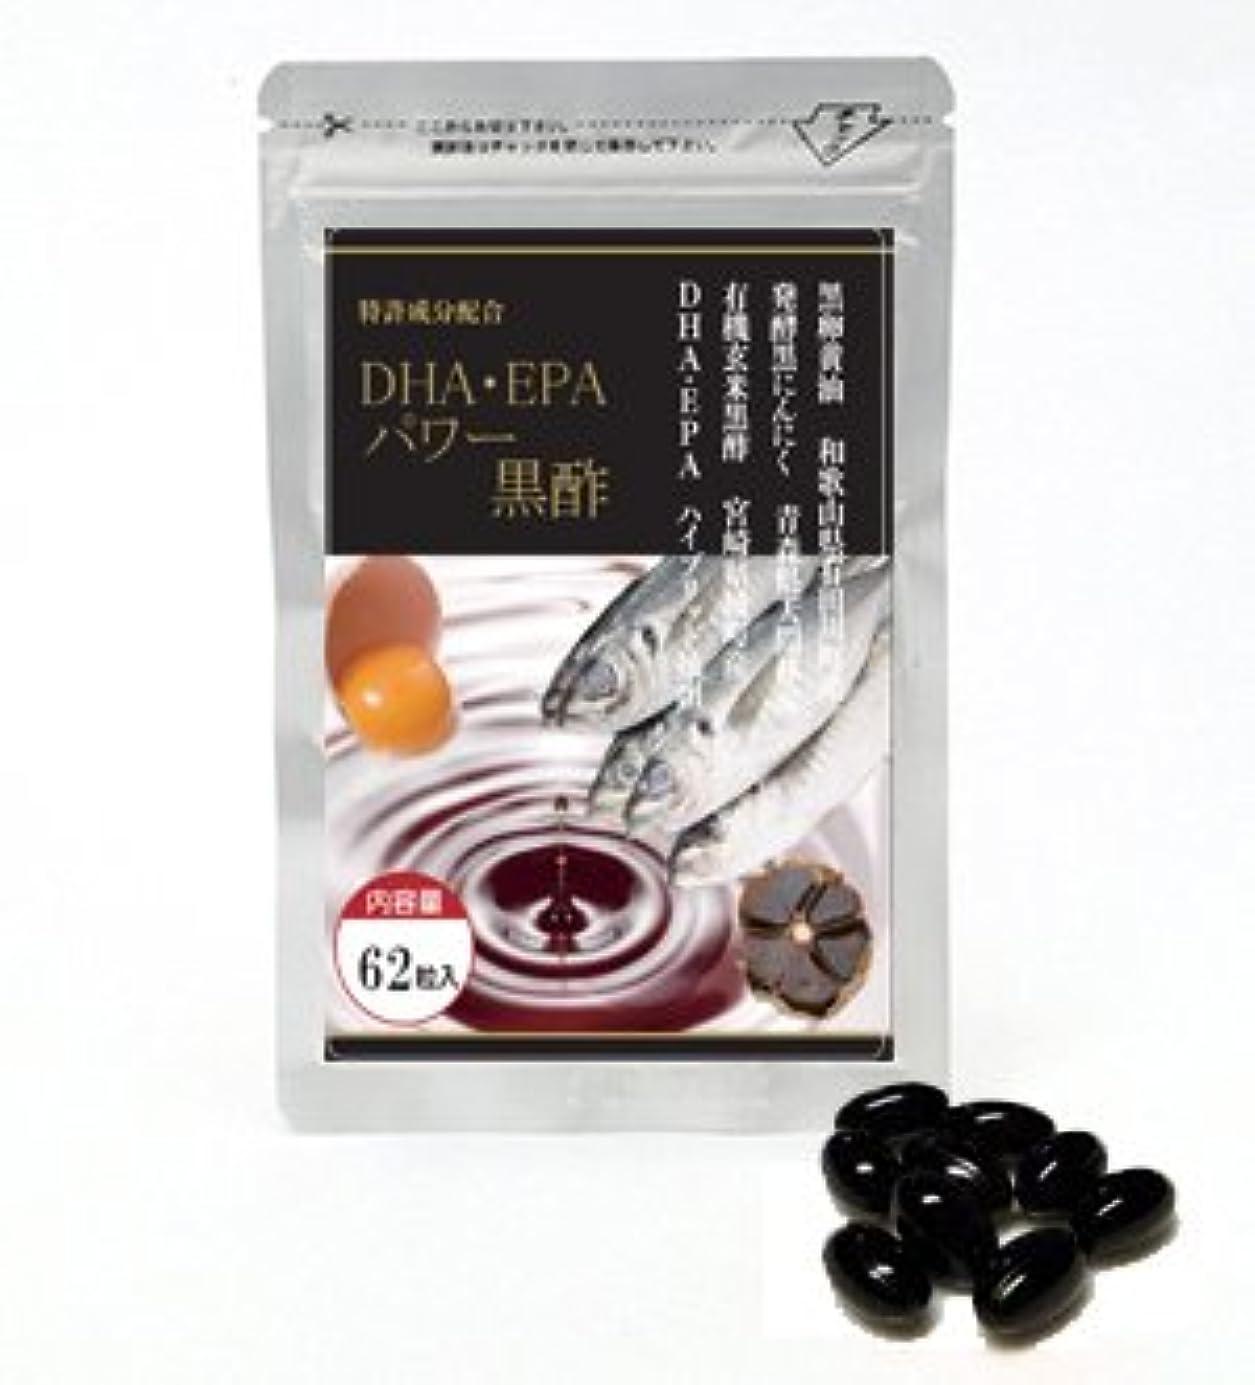 盆地ミリメートルピル国産原料使用 DHA?EPA発酵黒にんにく黒酢(1球460mg62粒入 約1~2ヶ月分)